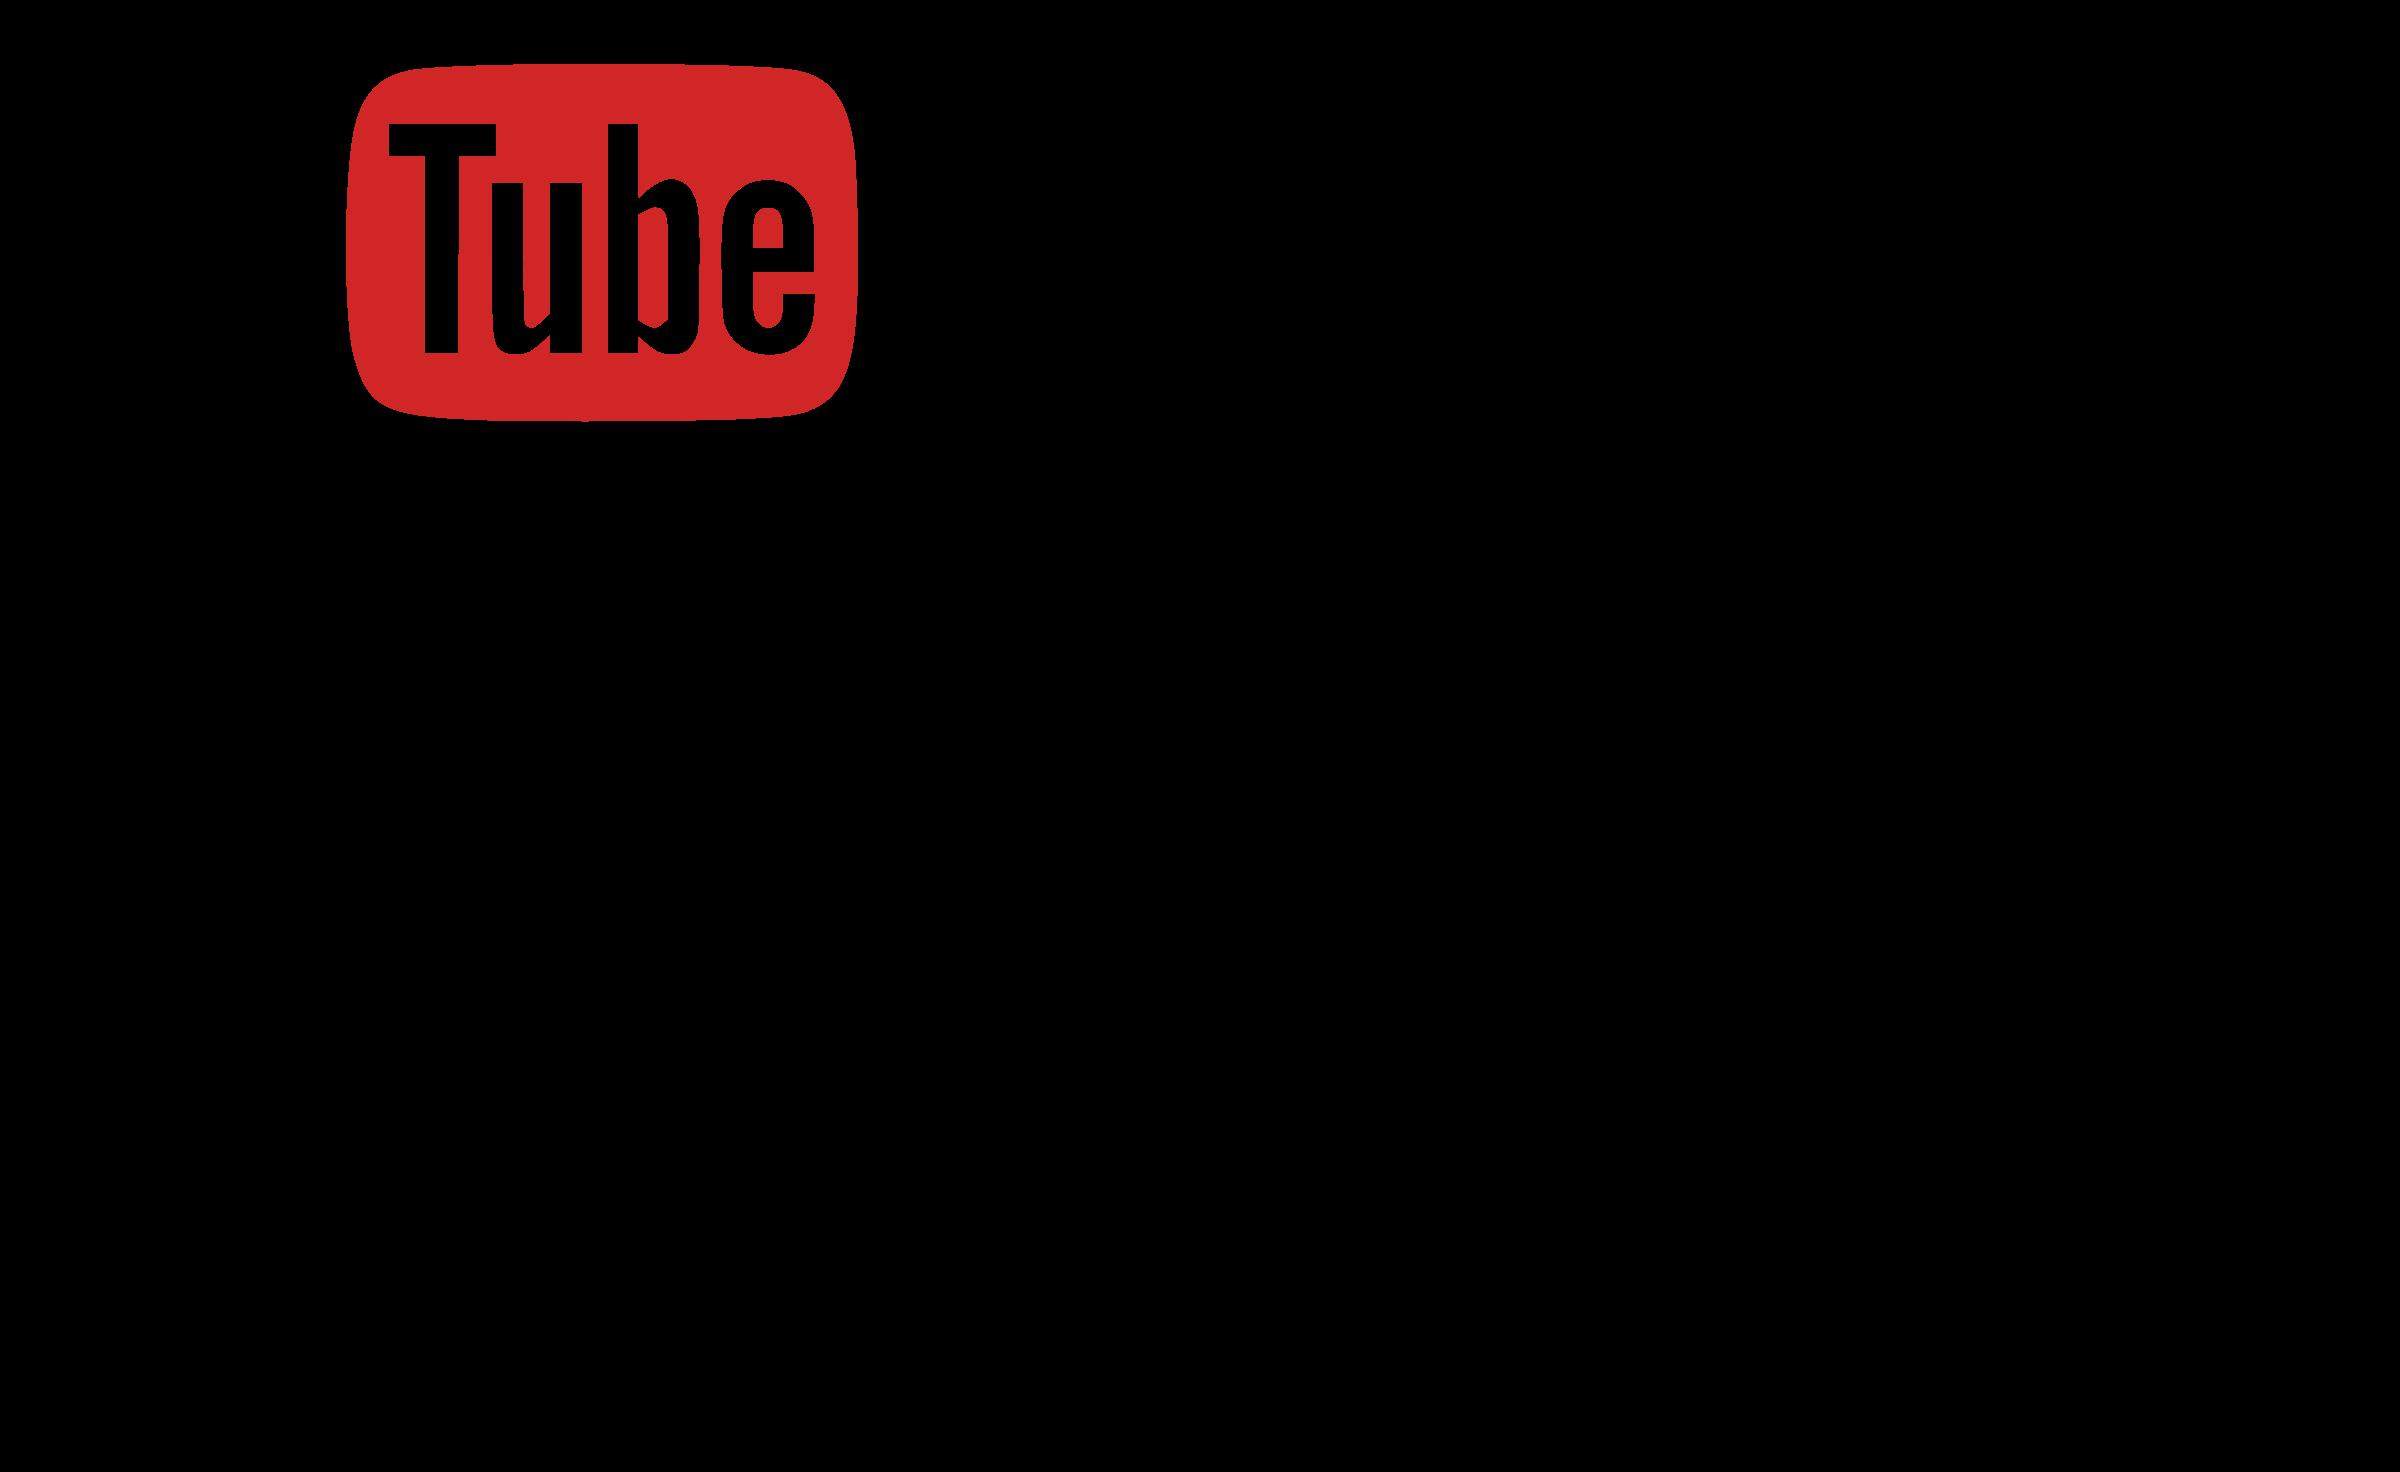 YouTube for Kids Logo PNG Transparent & SVG Vector.